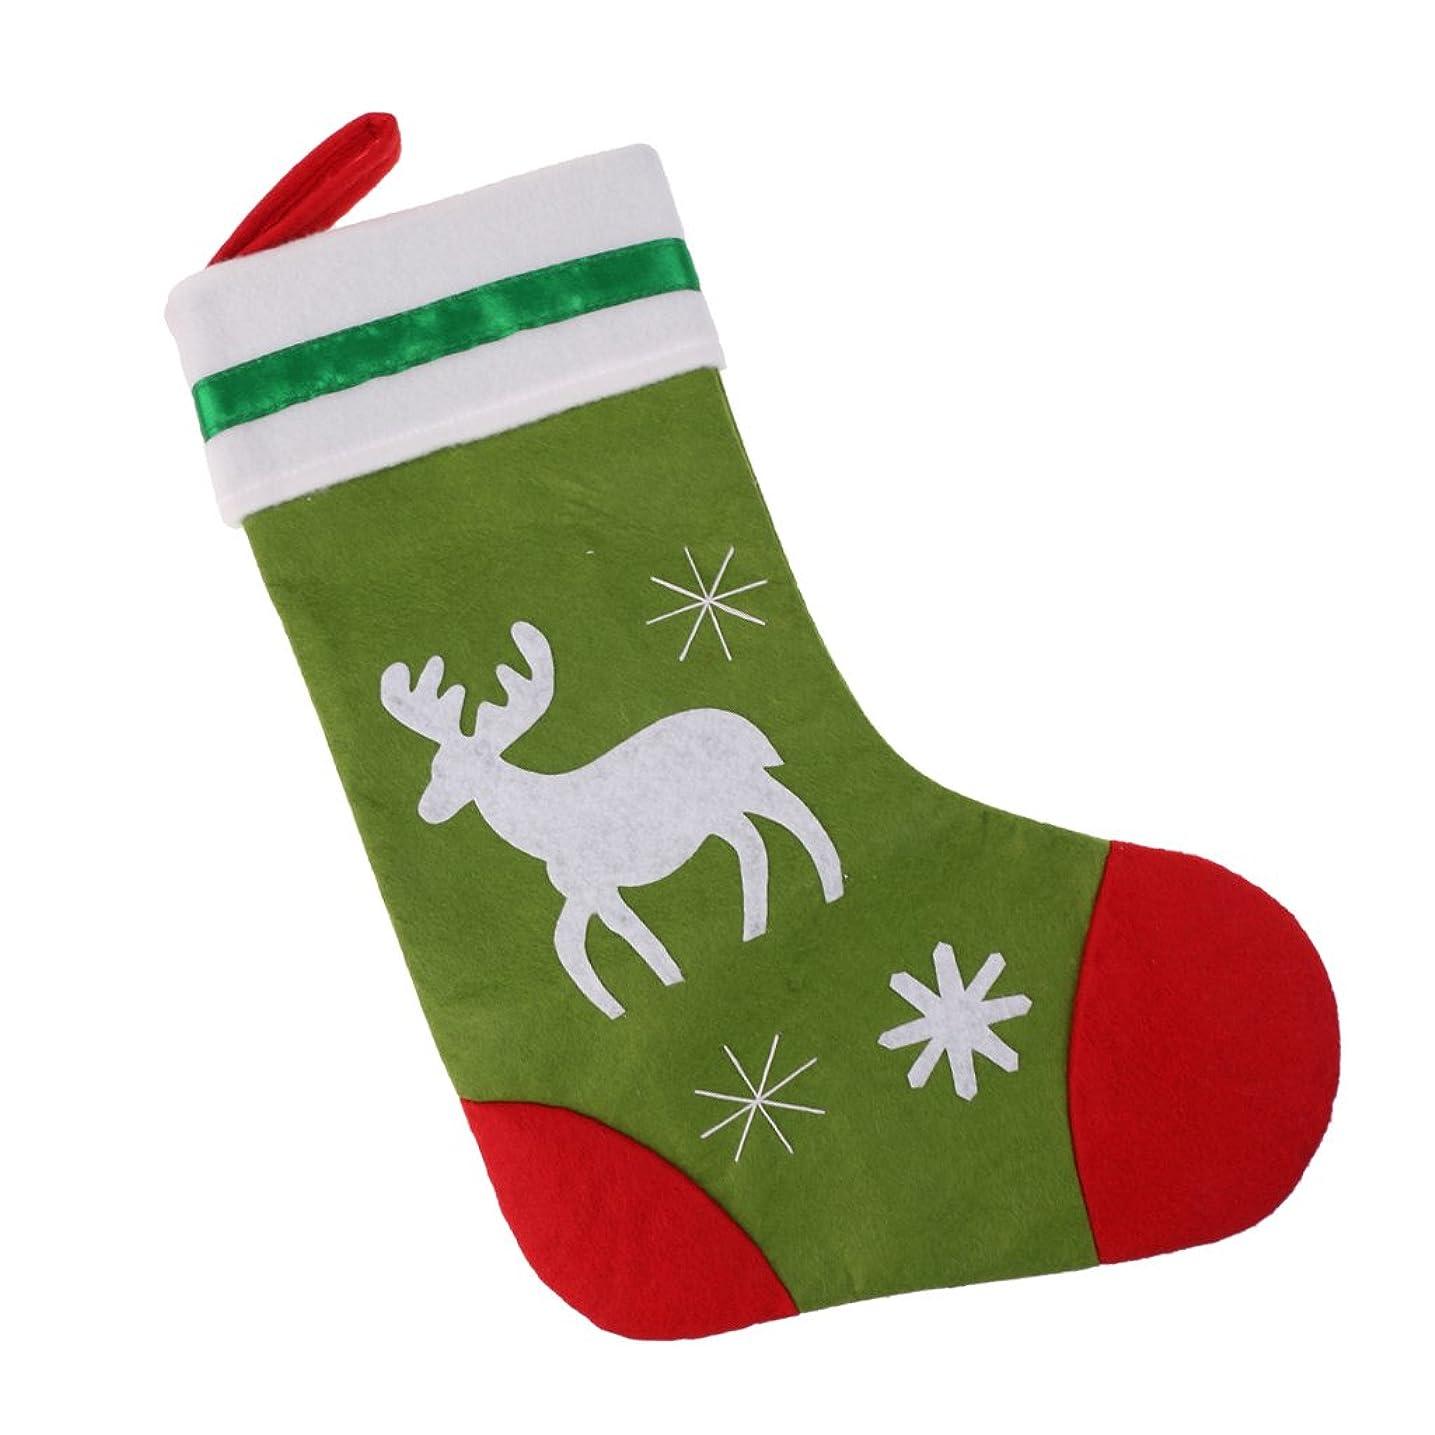 包囲洗剤宅配便SONONIA クリスマス トナカイデザイン 靴下 サンタクロース ギフト お菓子バッグ クリスマスパーティーツリー 吊り デコレーション